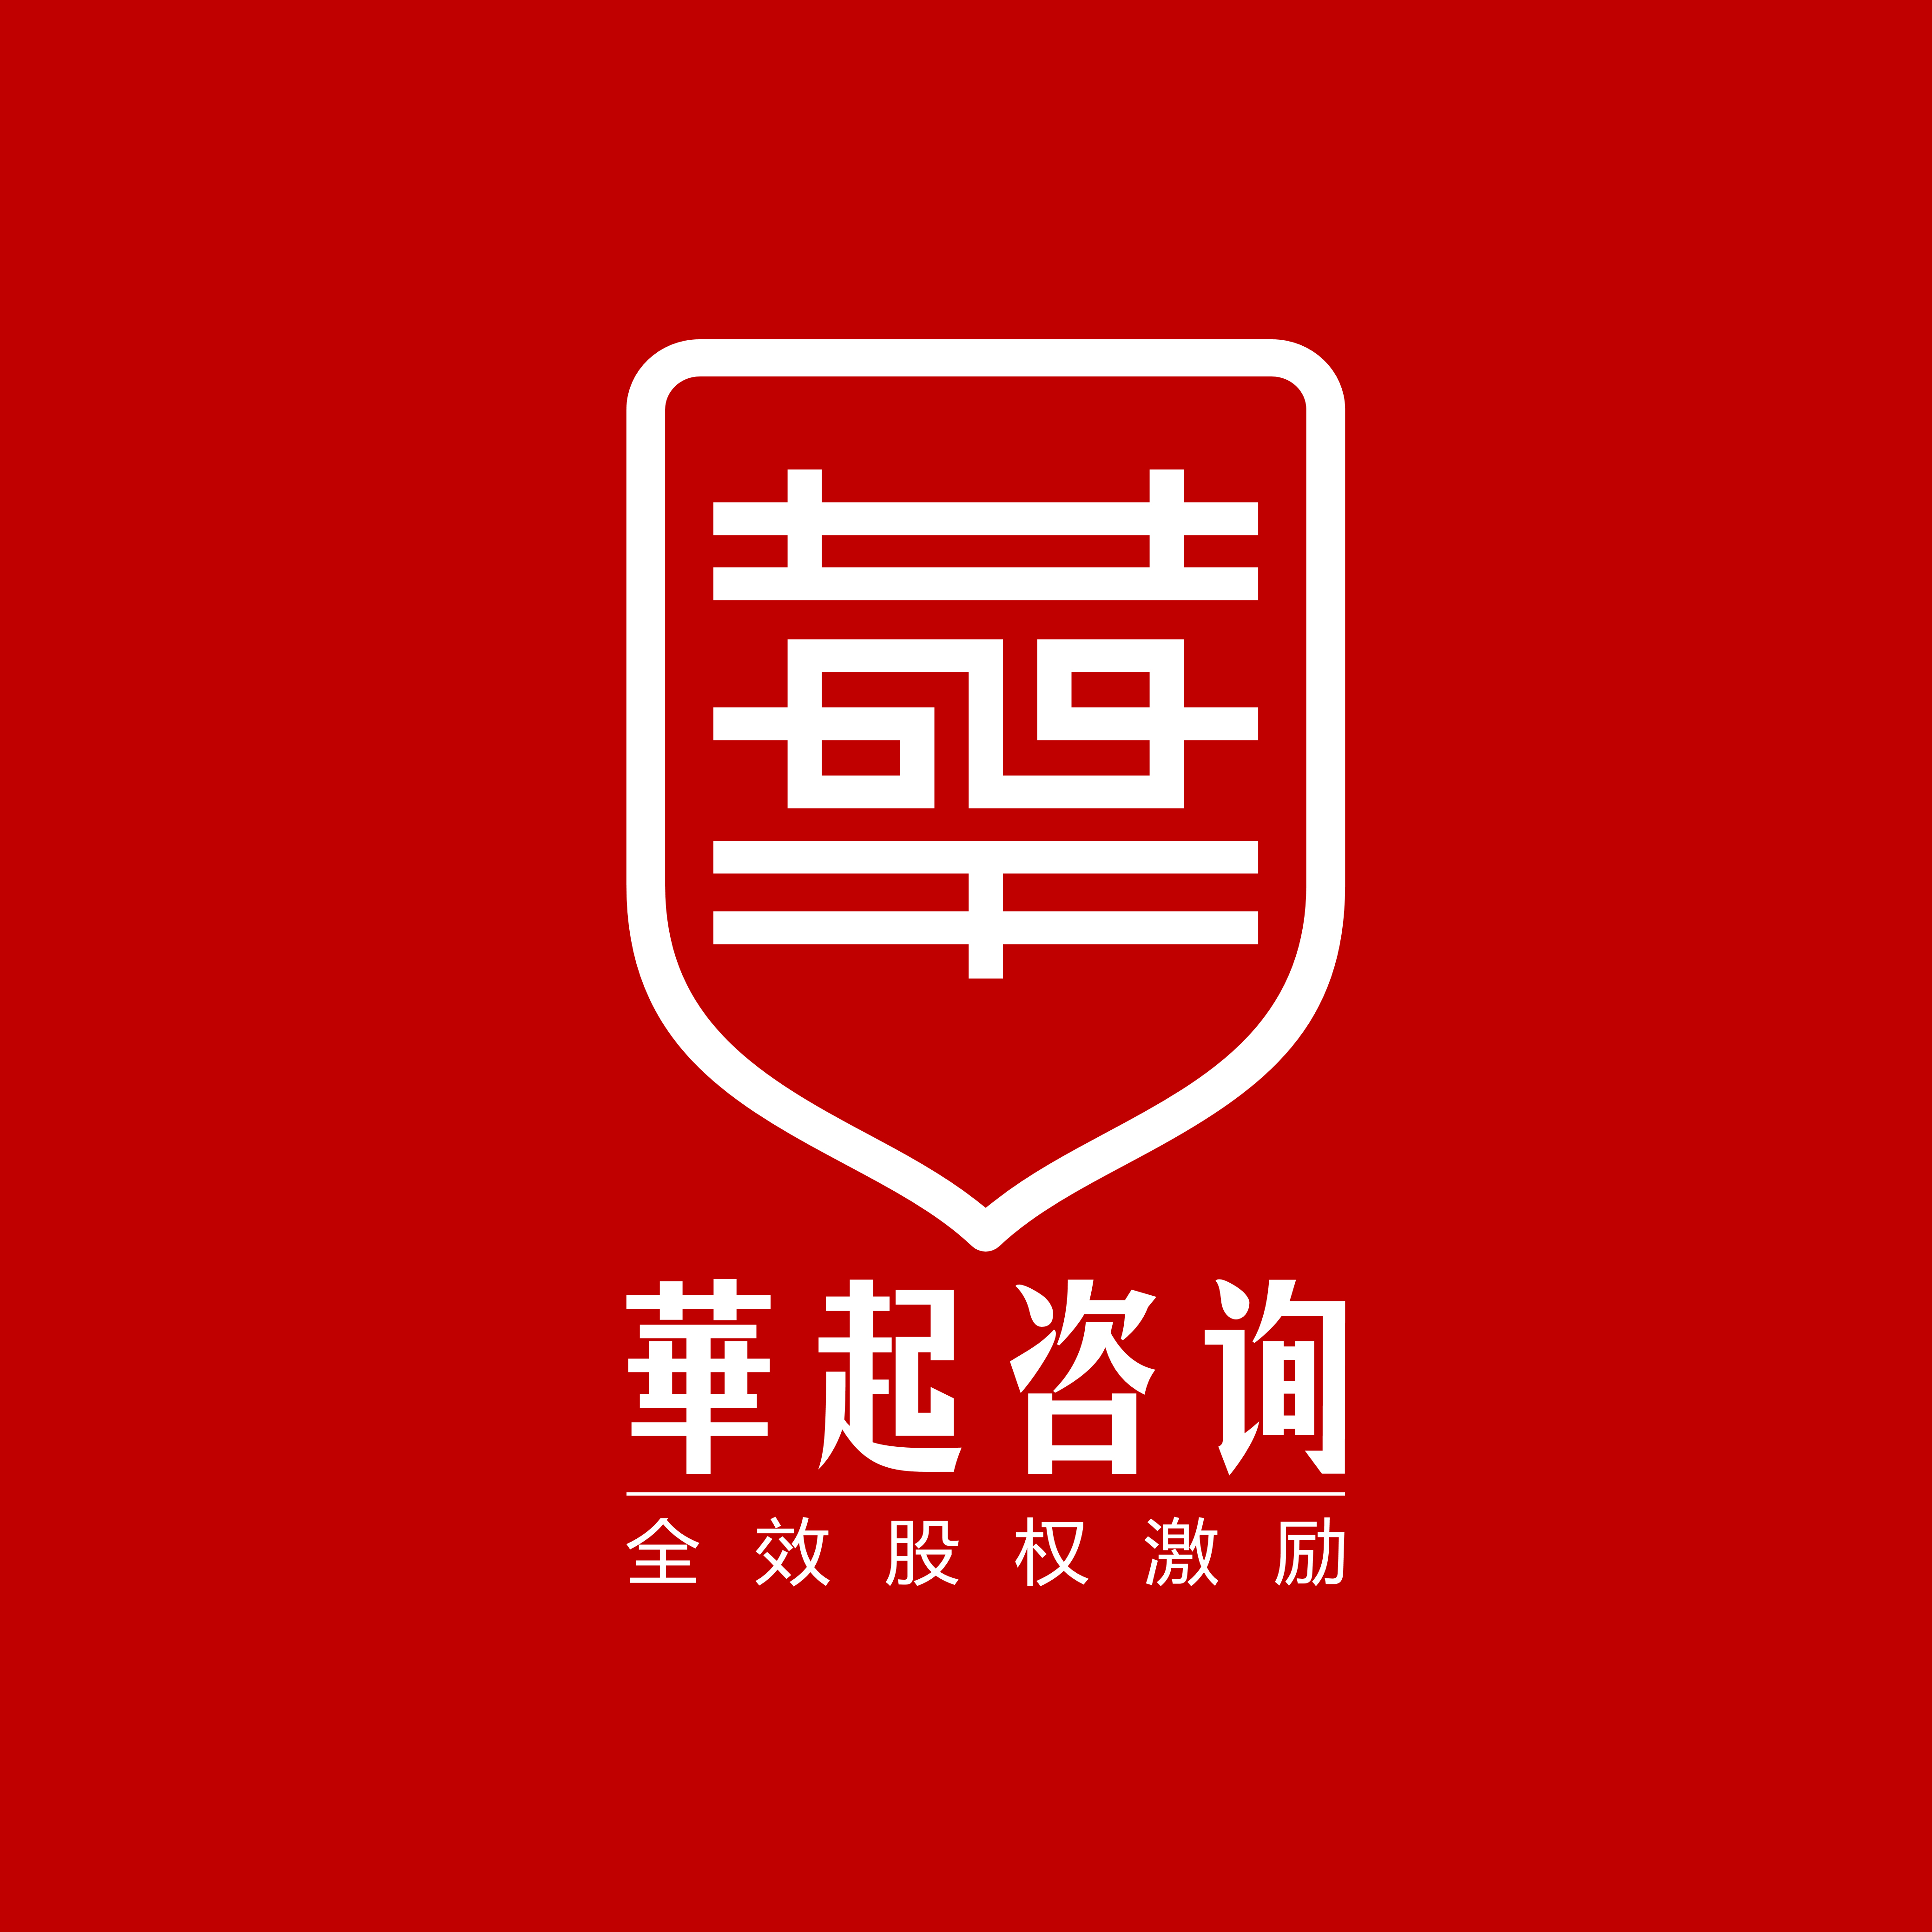 河南华起教育科技有限公司